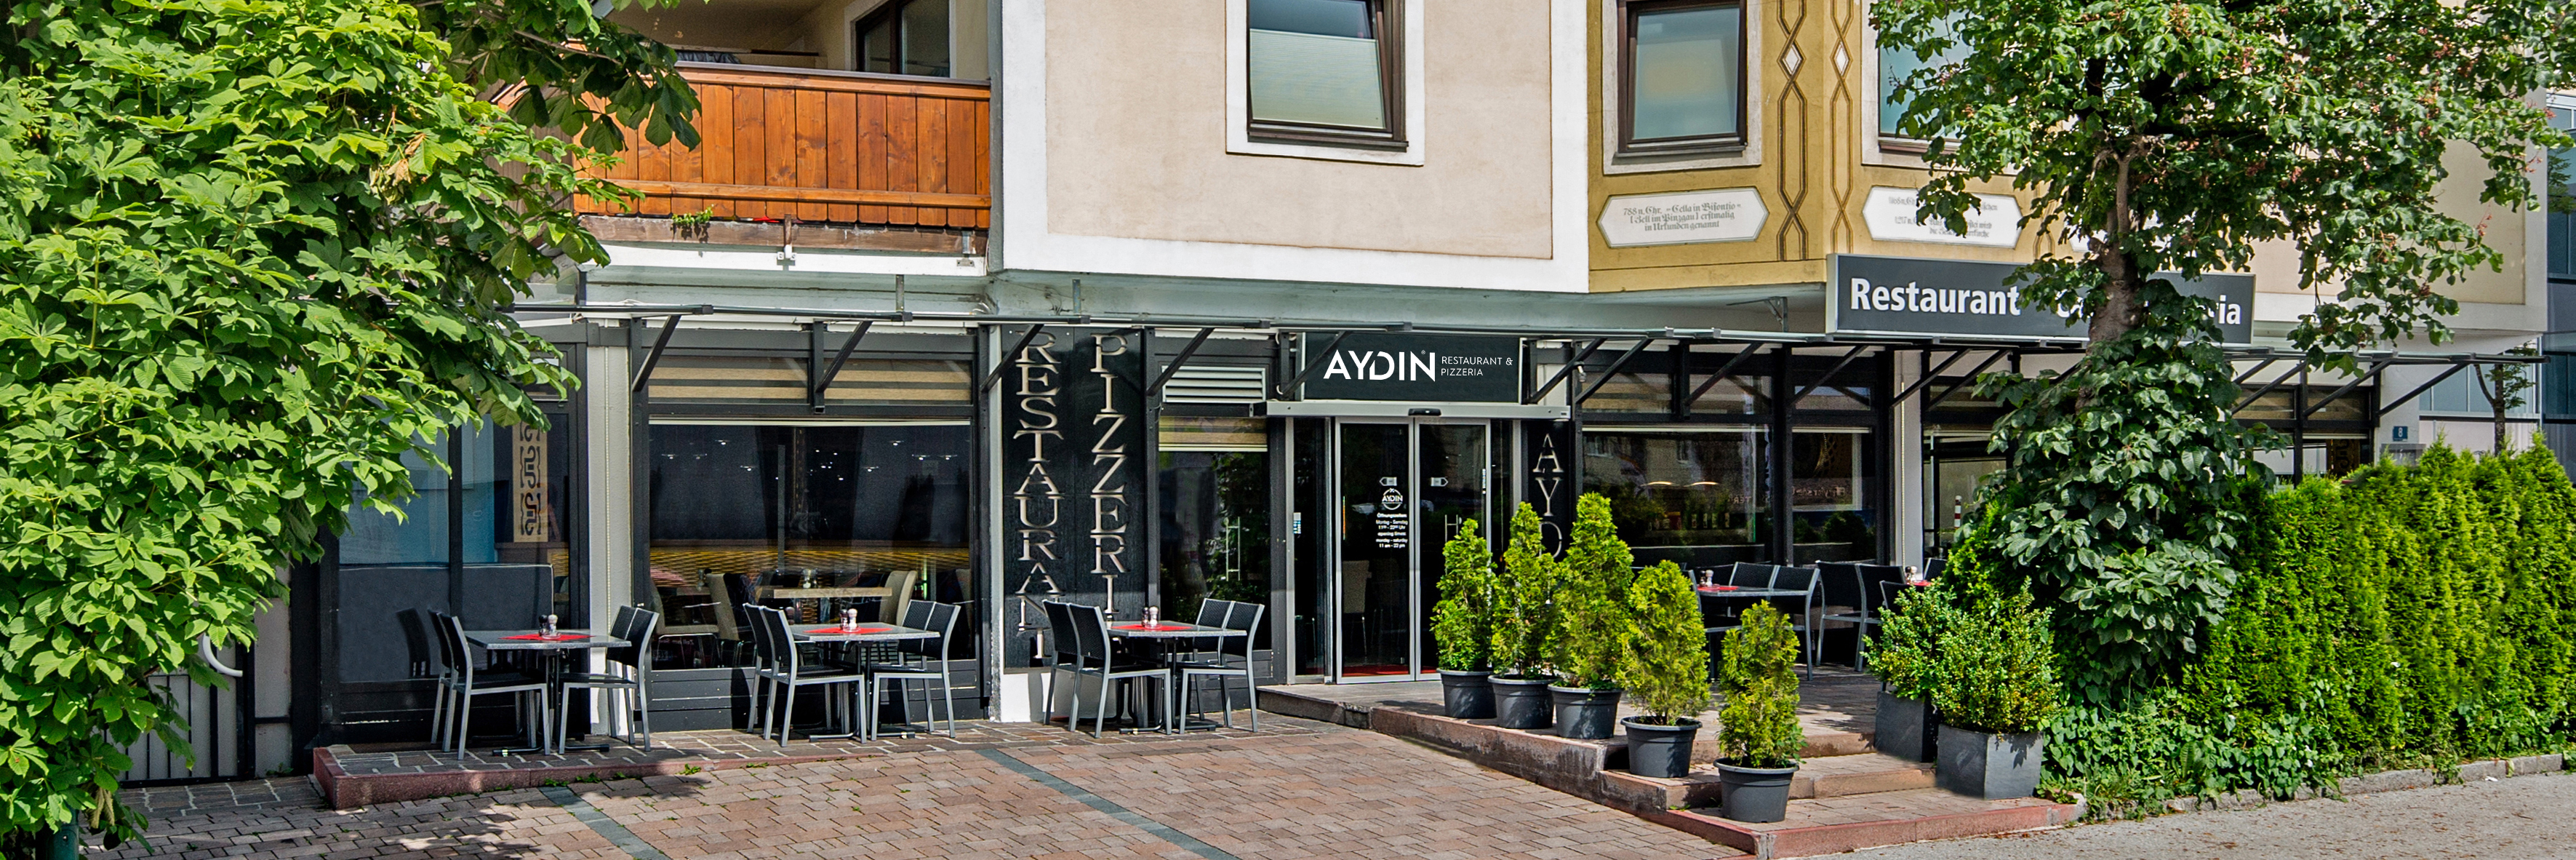 Restaurant & Pizzeria Aydin Außen Essenbereich